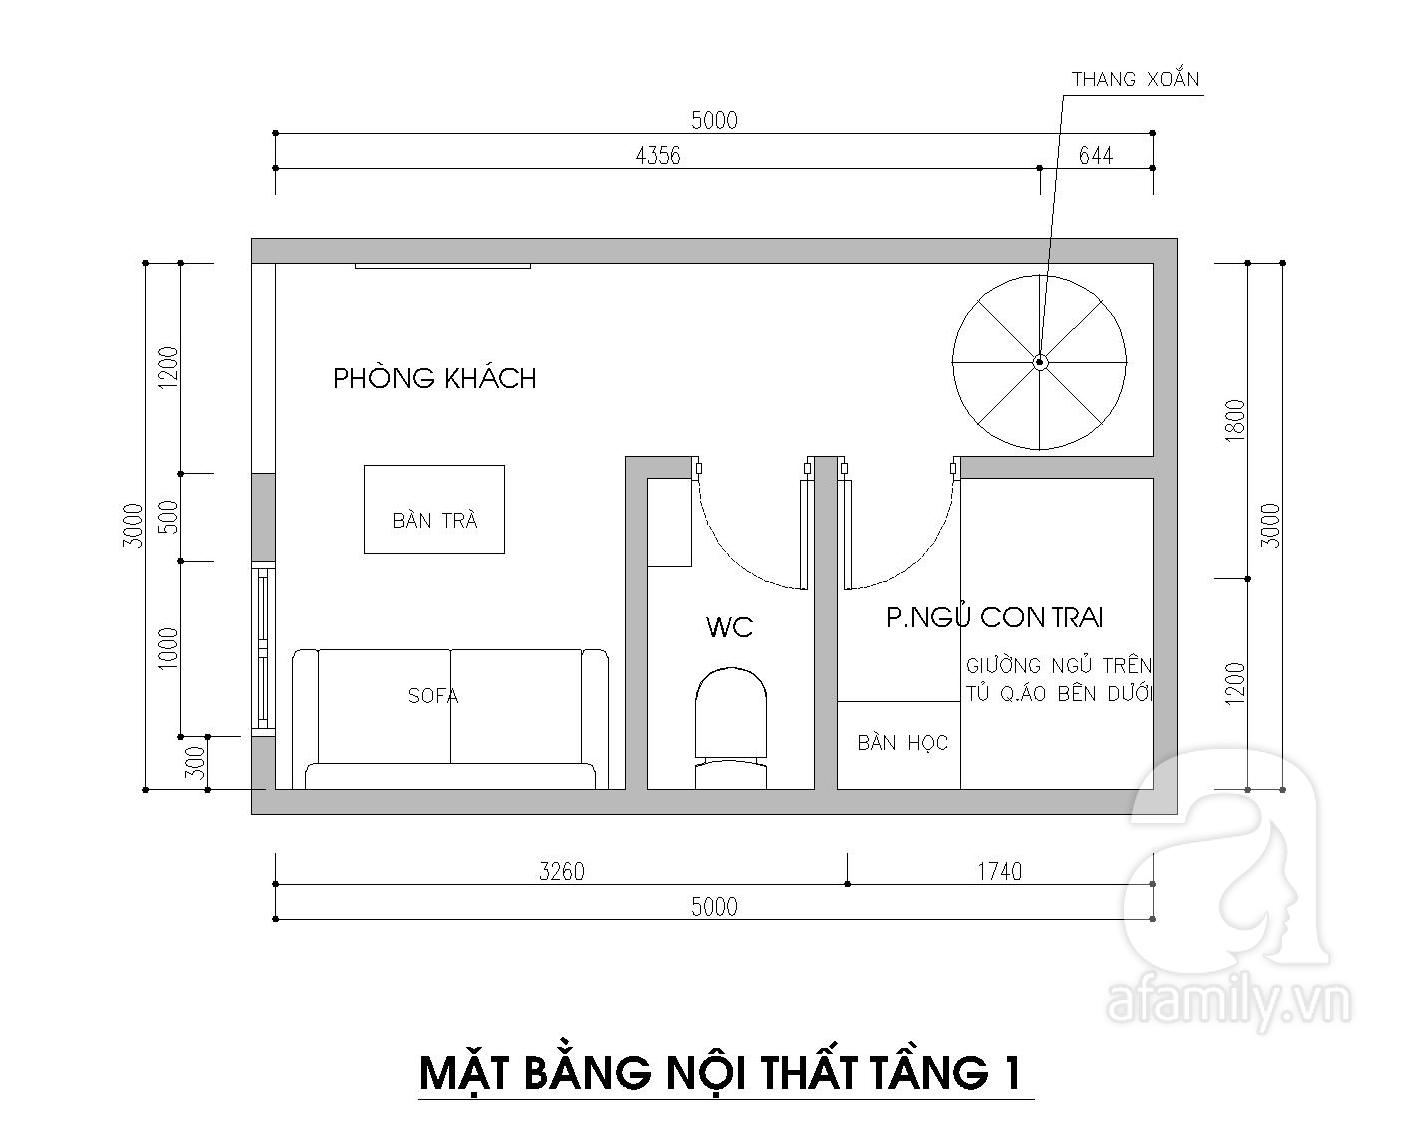 Tư vấn thiết kế căn nhà nhỏ 15m2 cho gia đình 3 thế hệ với chi phí 100 triệu đồng - Ảnh 2.